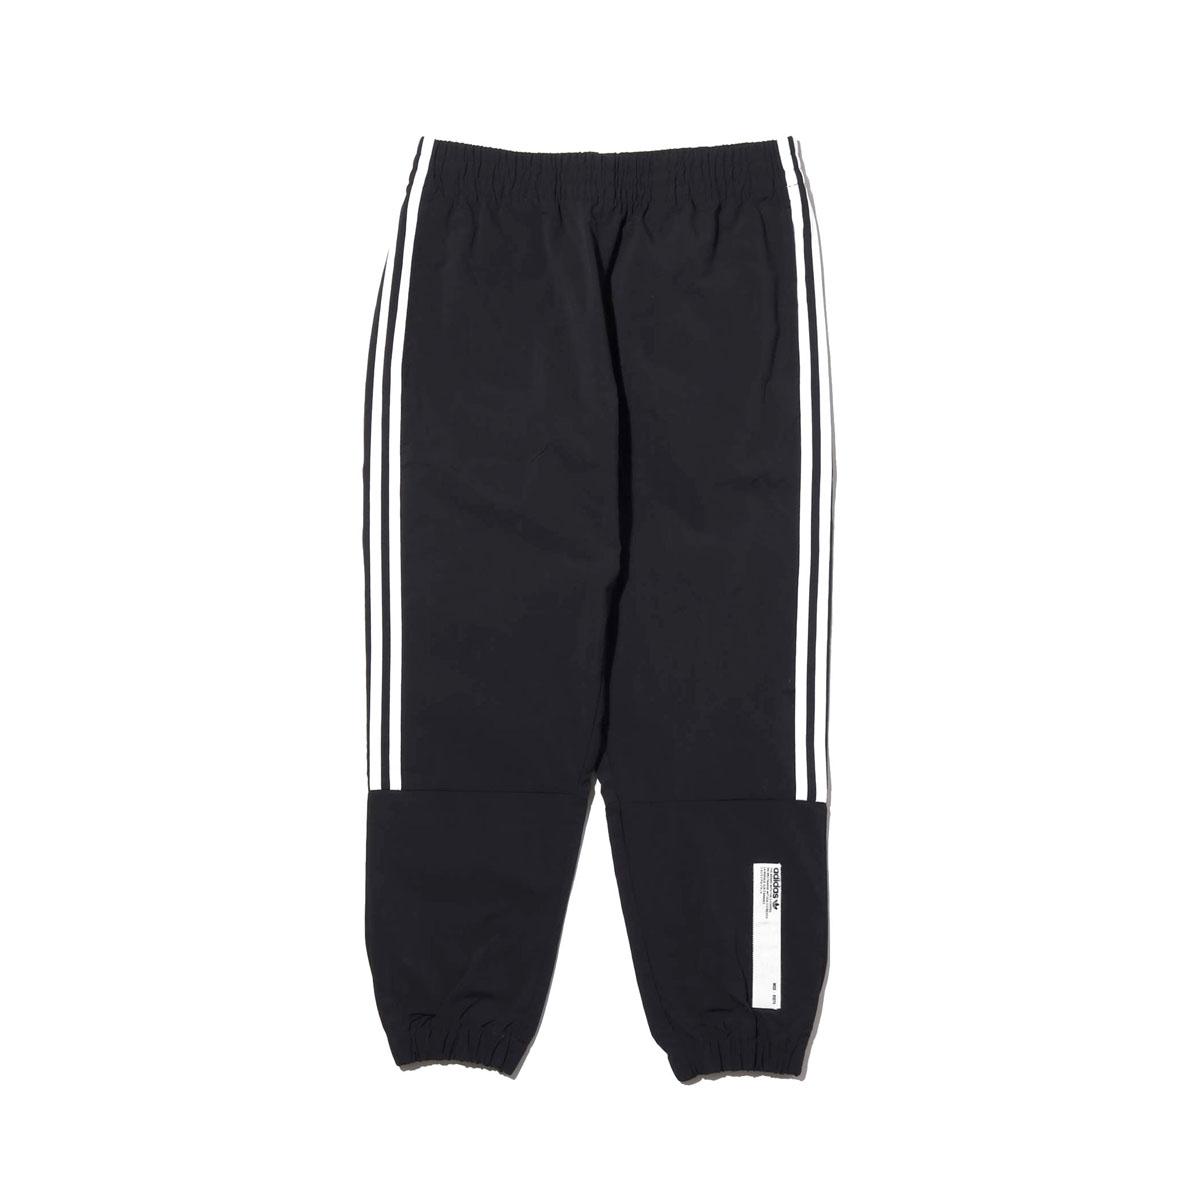 a51f05382cd2c Men s Clothing Clothing